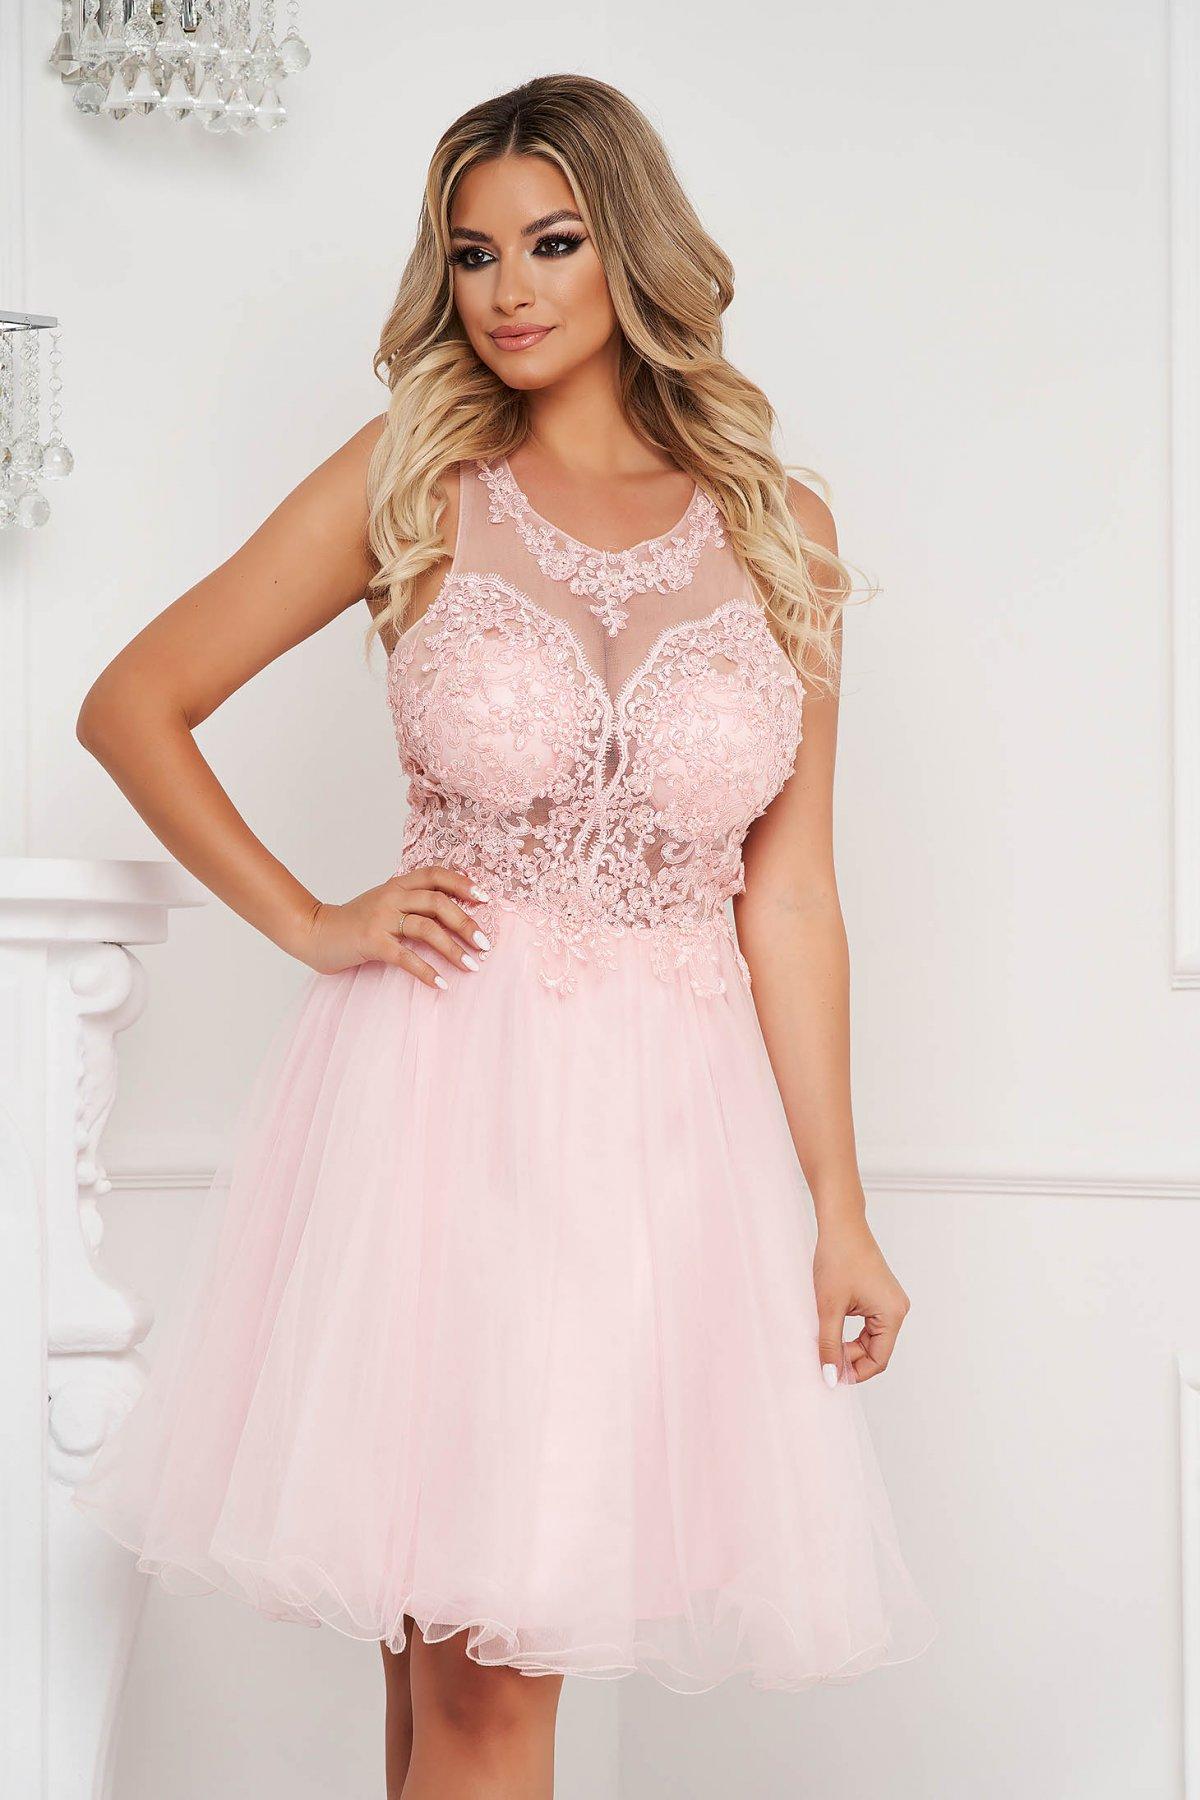 Rochie Lady Pandora roz deschis scurta de ocazie din tul in clos cu aplicatii de dantela si perle